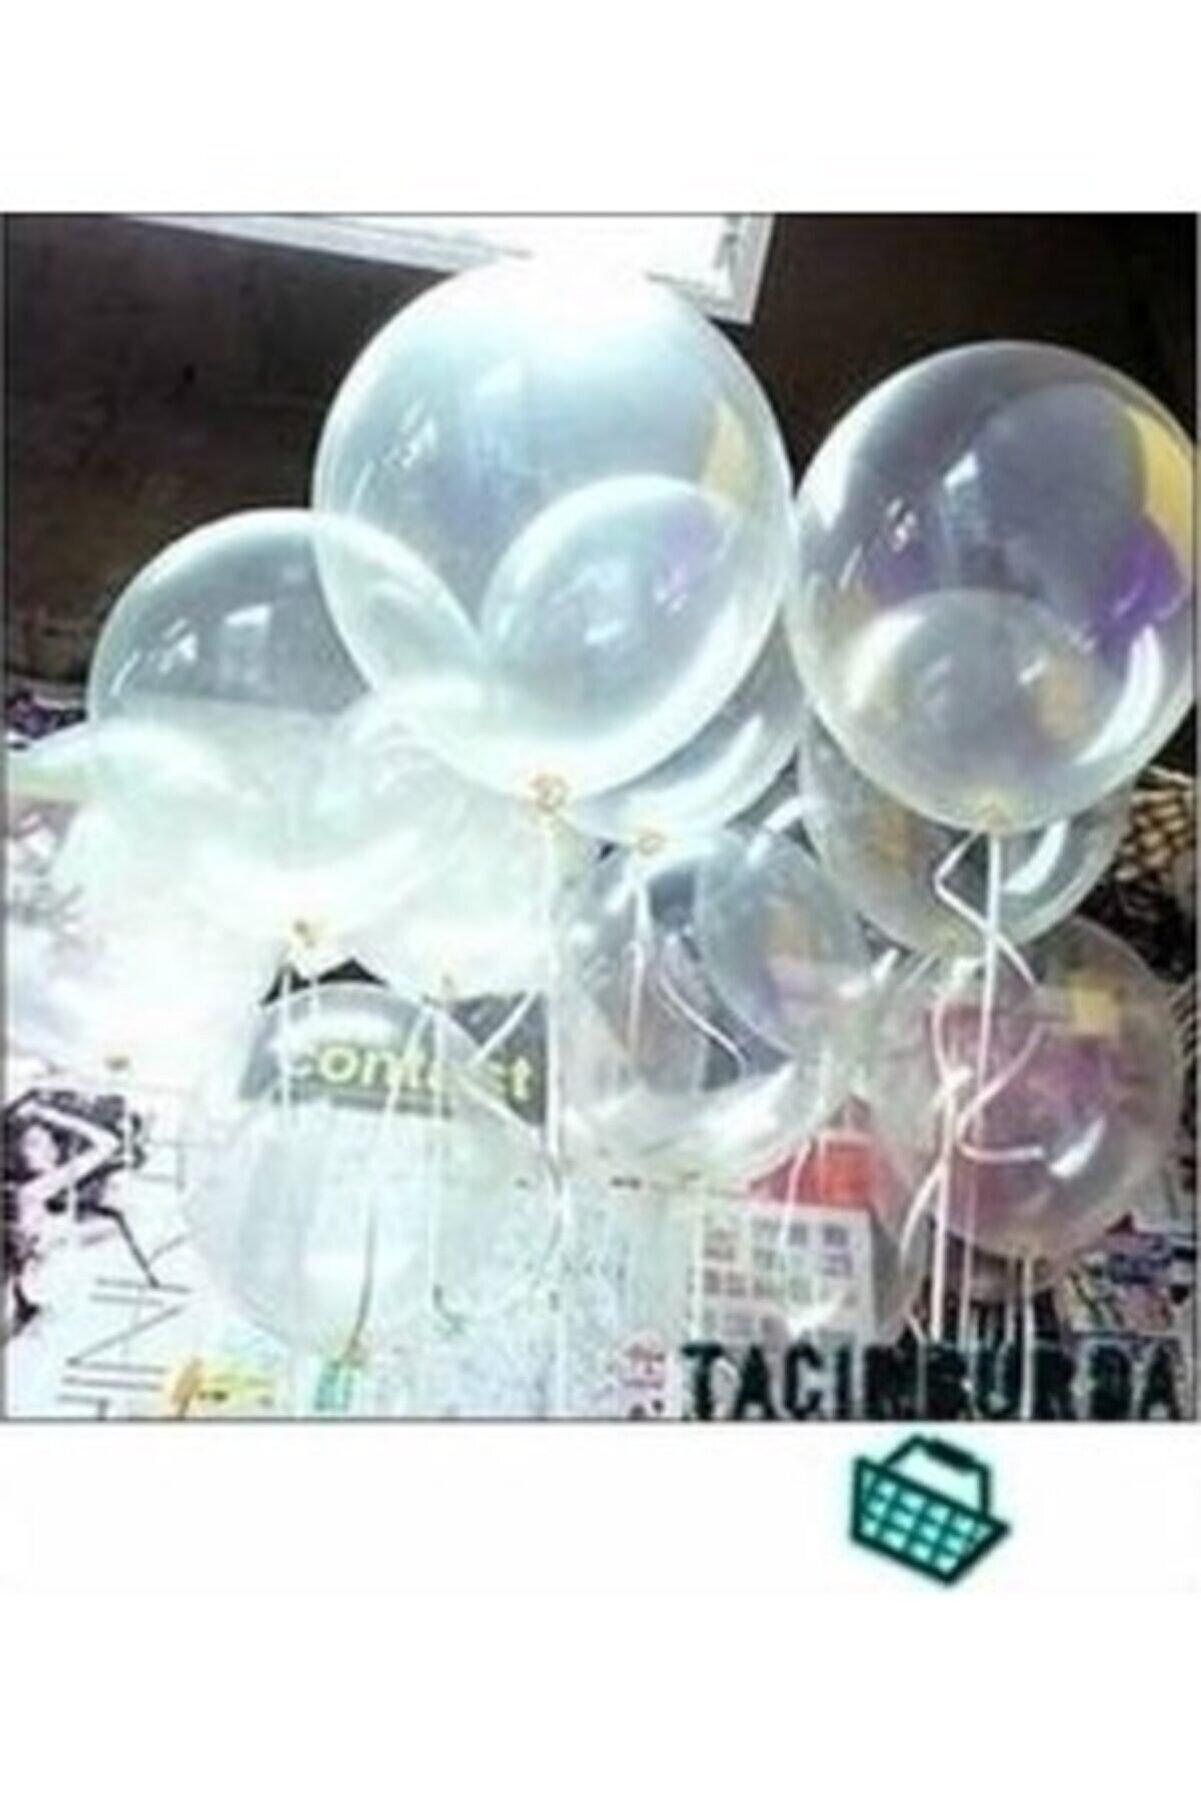 TATLI GÜNLER Partiniseç 25 Adet Parlak Şeffaf Balonlar Helyumla Uçan Özelliktedir